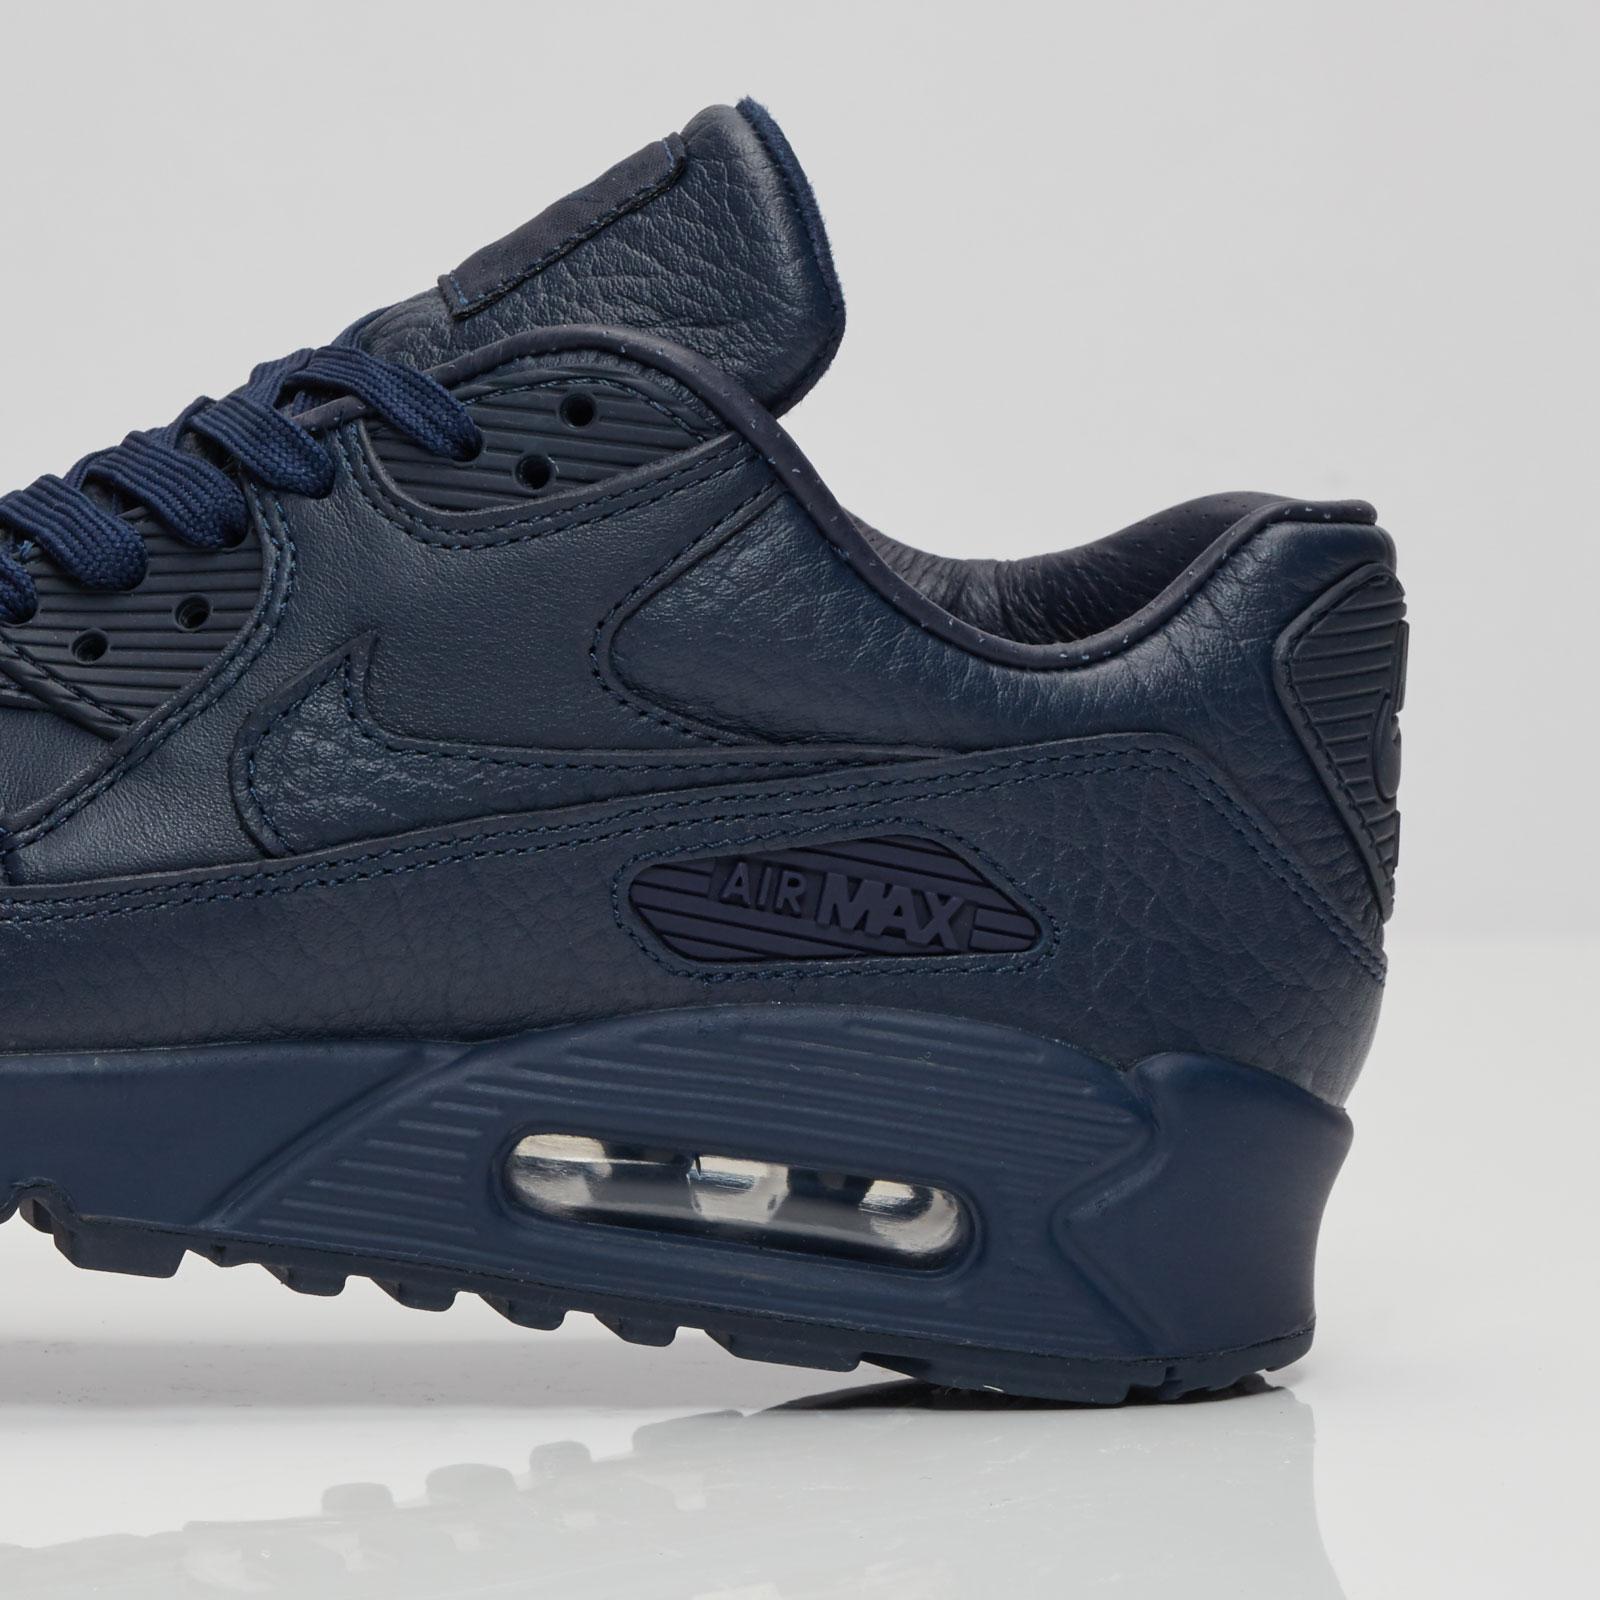 online store db70e 3f908 ... Nike Wmns Air Max 90 Pinnacle